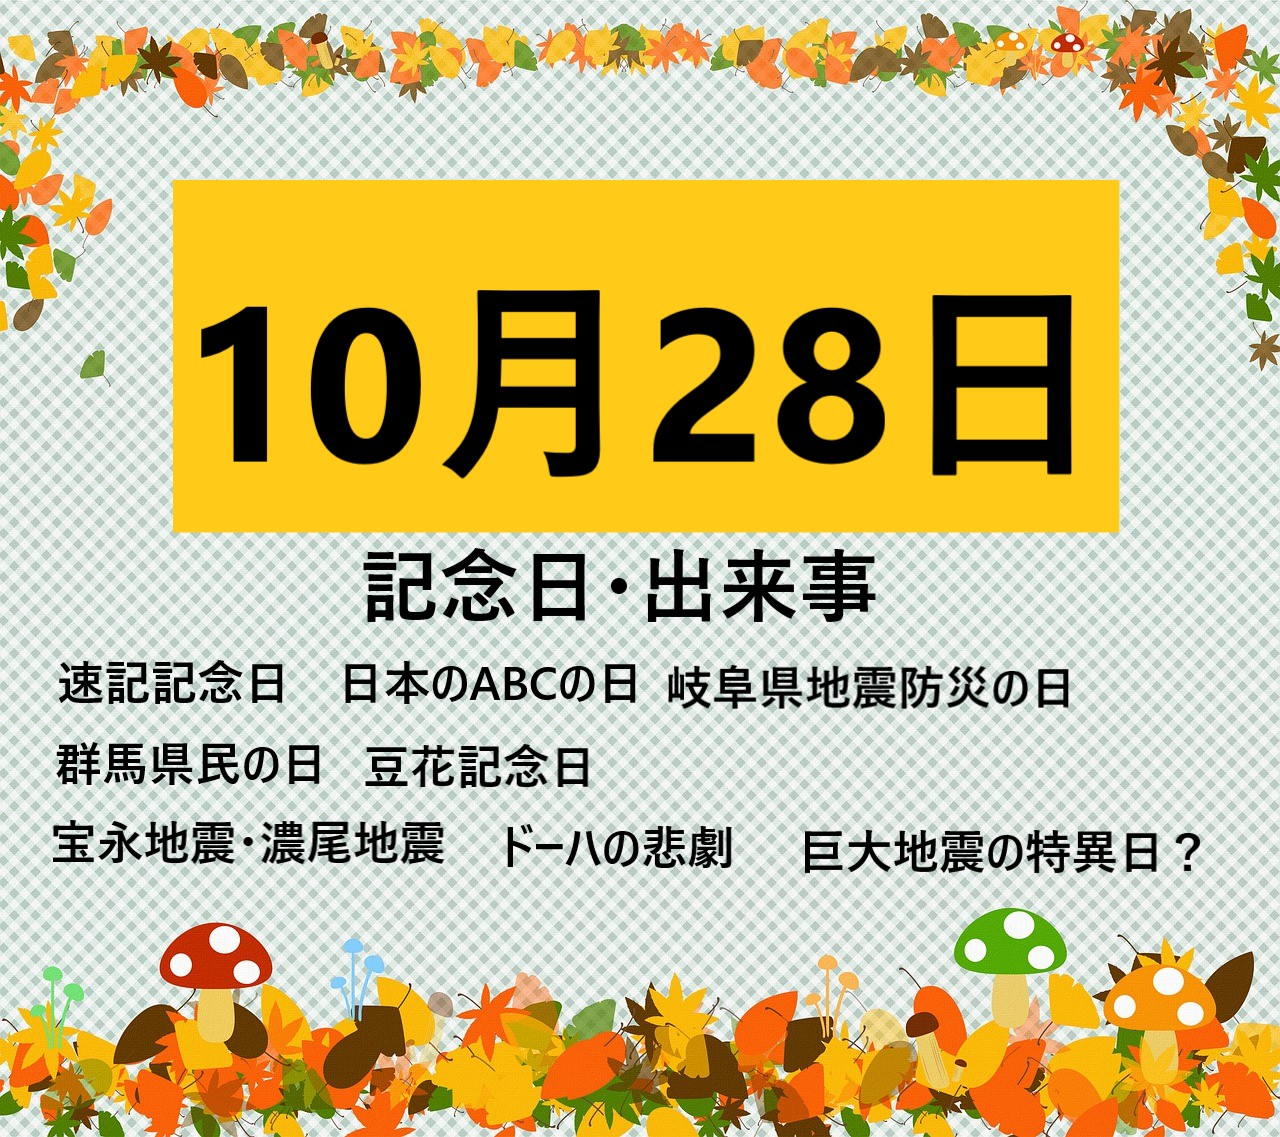 10月28日の記念日・出来事の文字画像